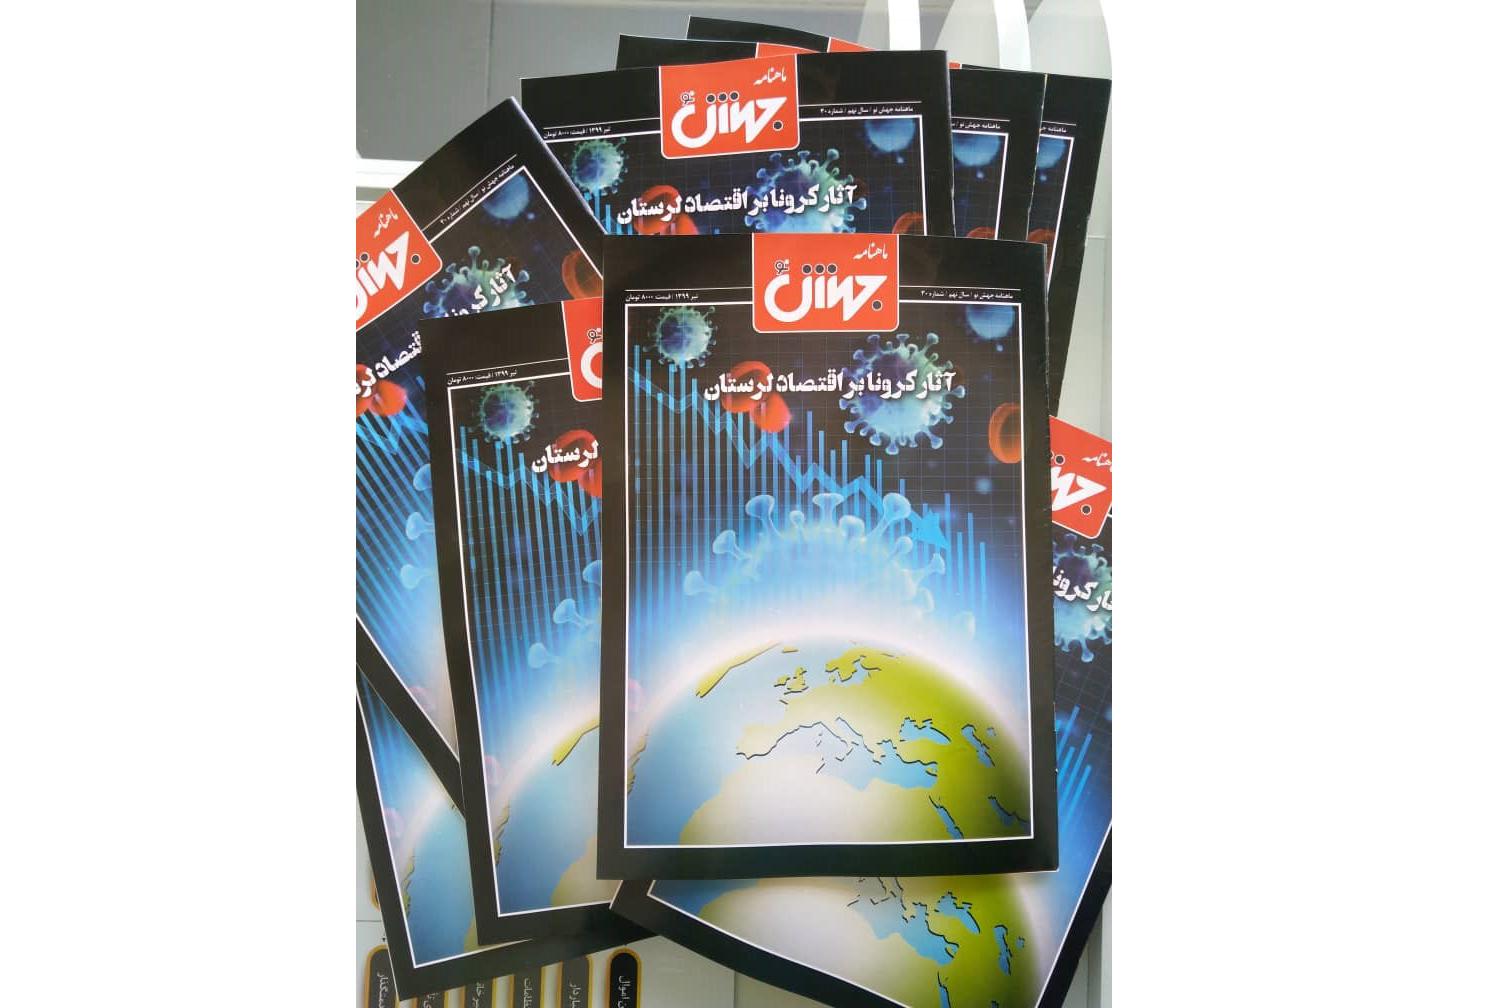 """شماره جدید مجله """"جهش نو"""" اتاق بازرگانی لرستان منتشر شد / آثار کرونا بر اقتصاد لرستان"""